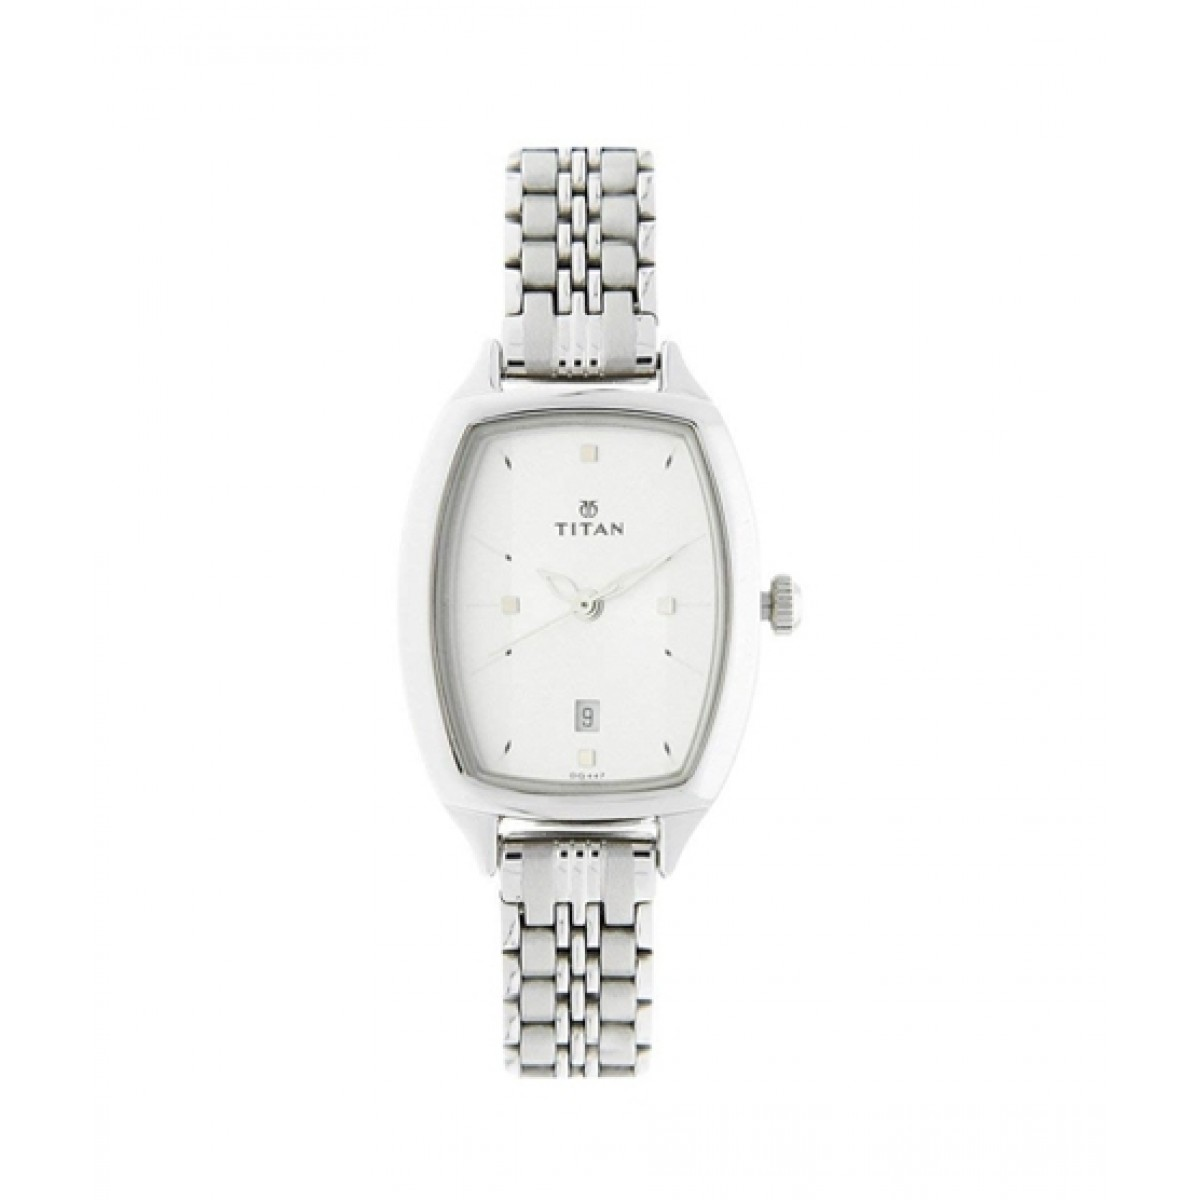 Titan Analog Women's Watch Silver (2571SM01)